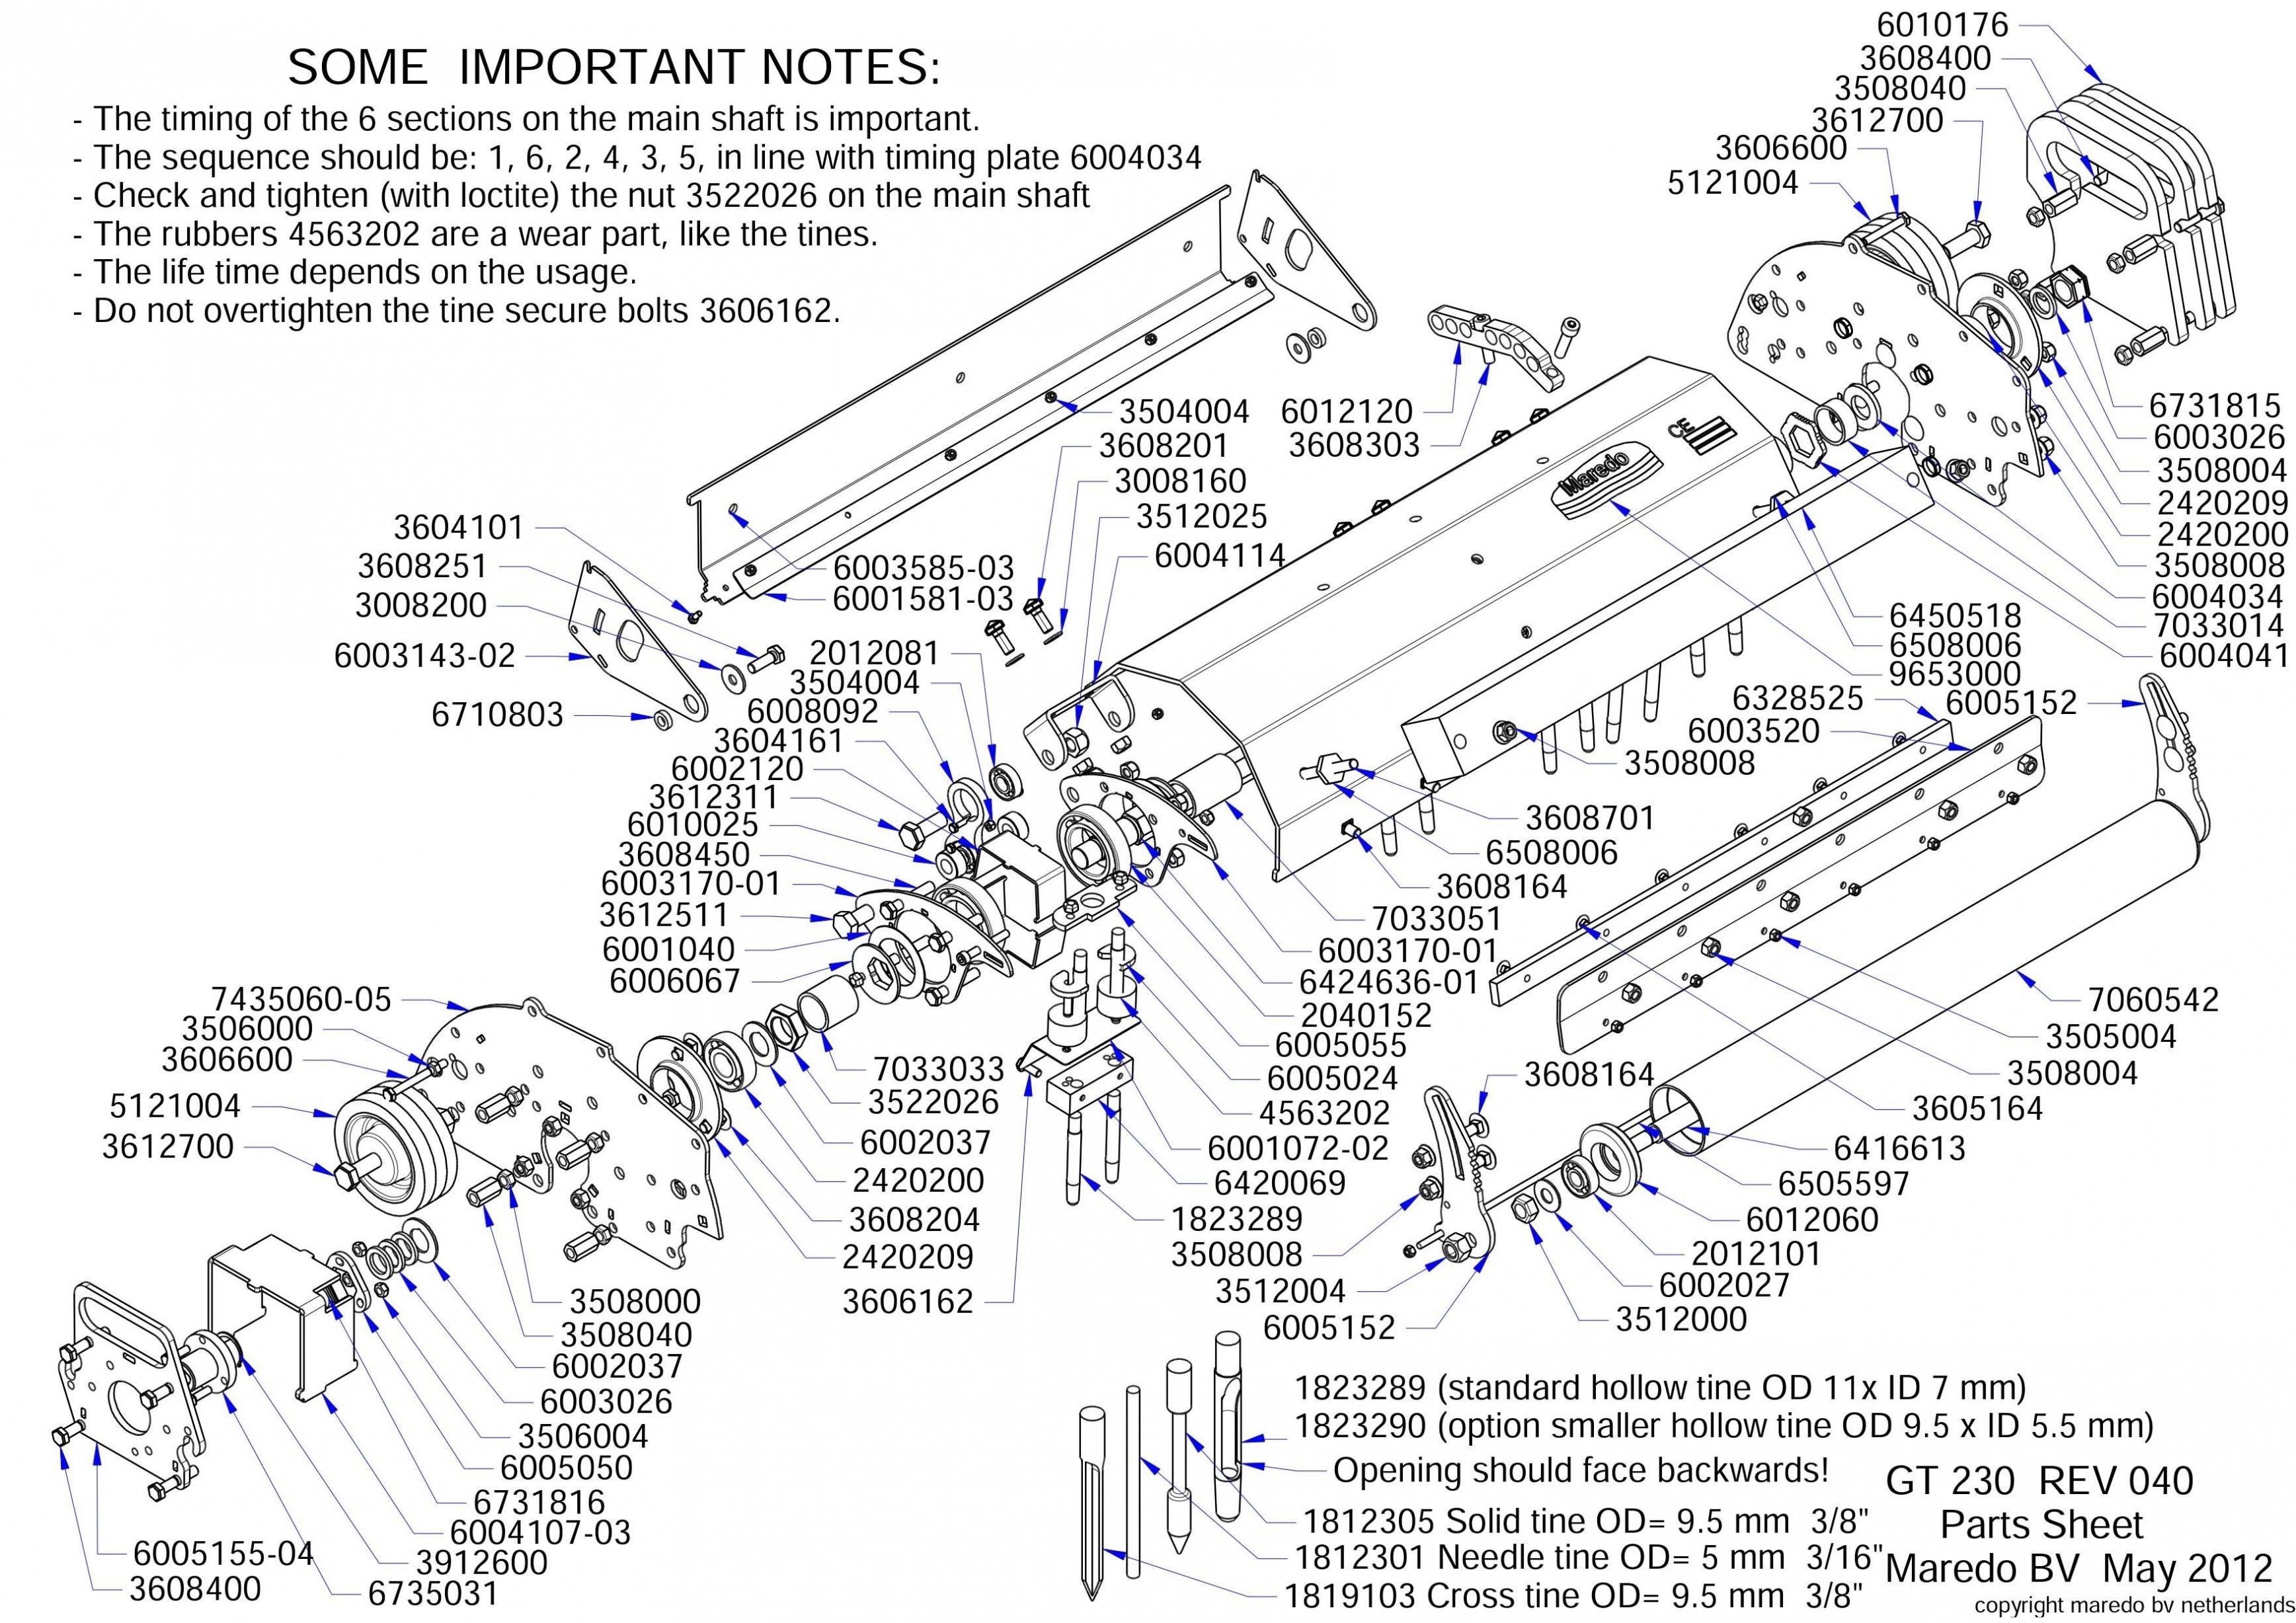 Lt155 John Deere Wiring Diagram | Wiring Diagram - John Deere 318 Wiring Diagram